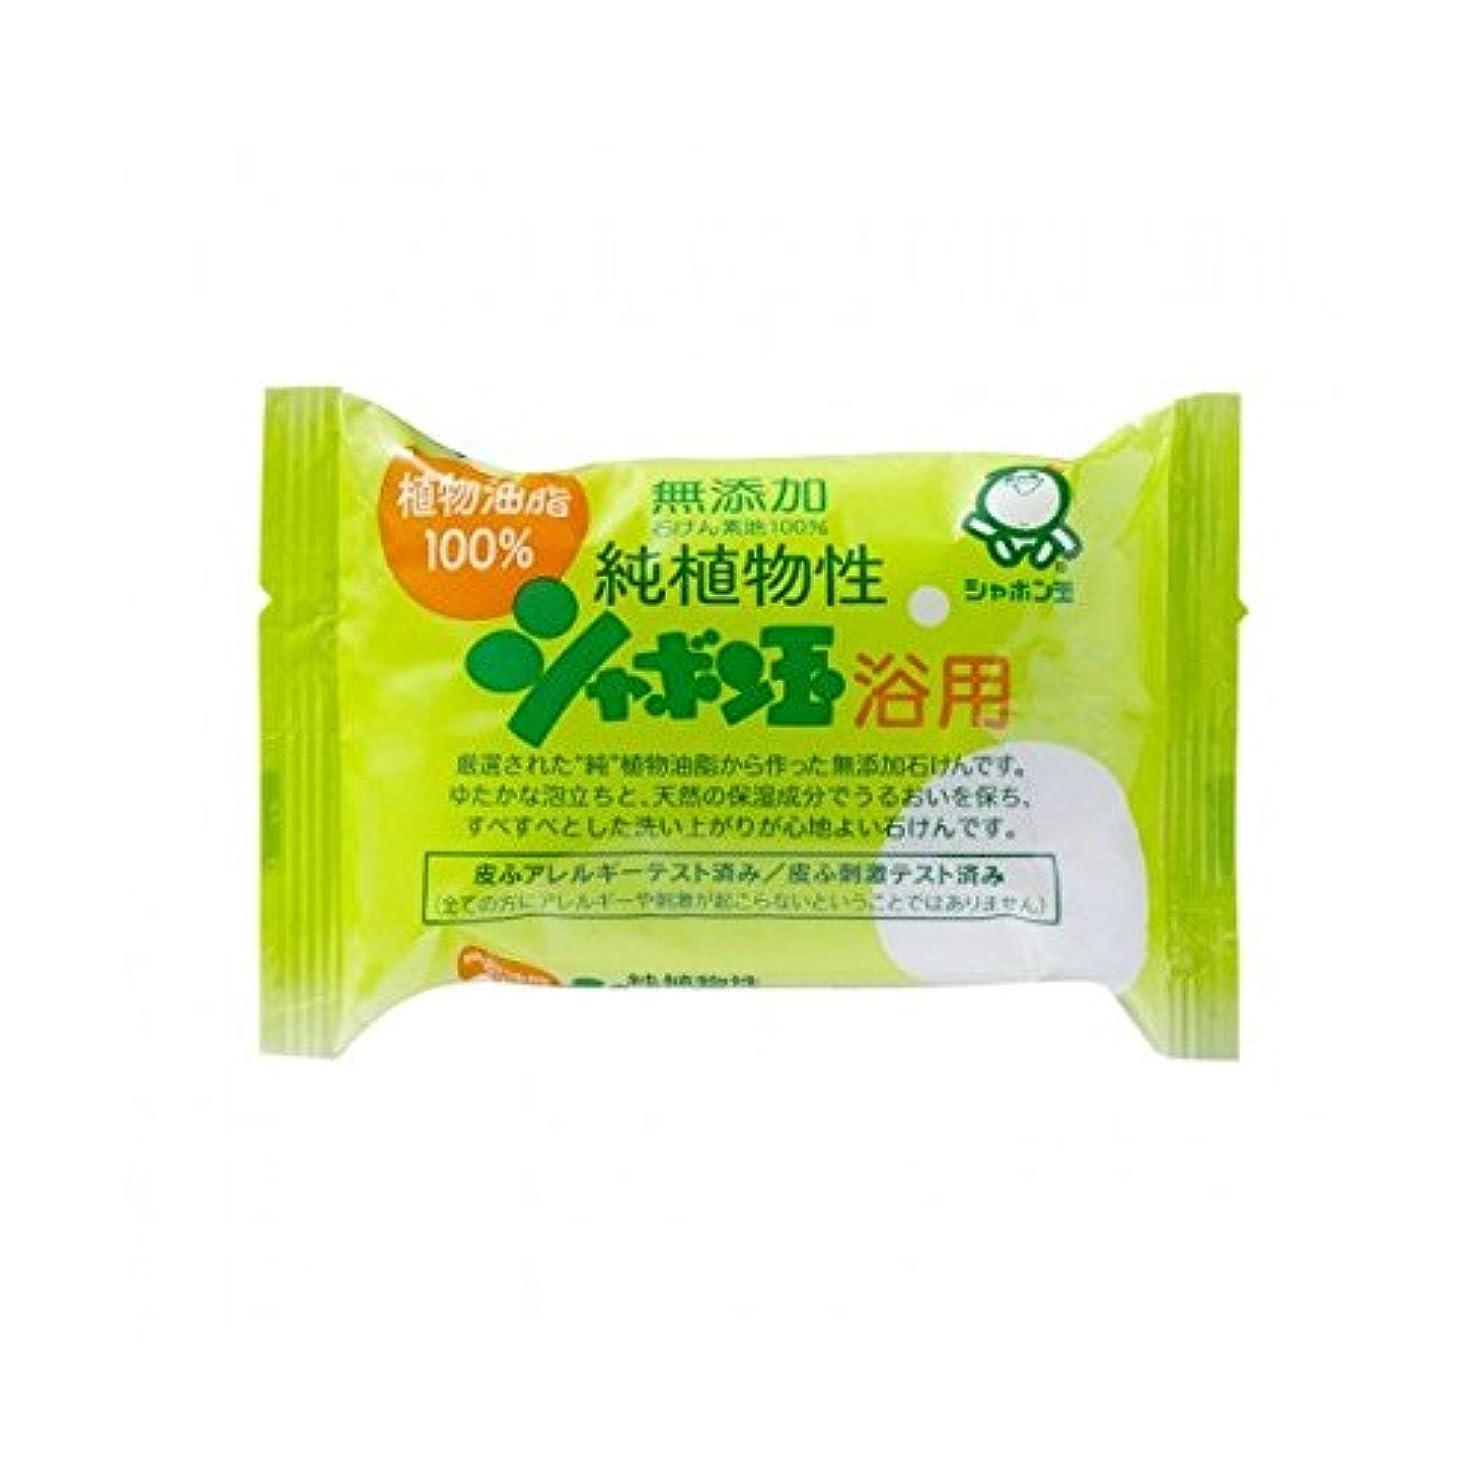 ショップ放映まぶしさシャボン玉石けん シャボン玉 純植物性 浴用 100g(無添加石鹸)×120点セット (4901797003013)